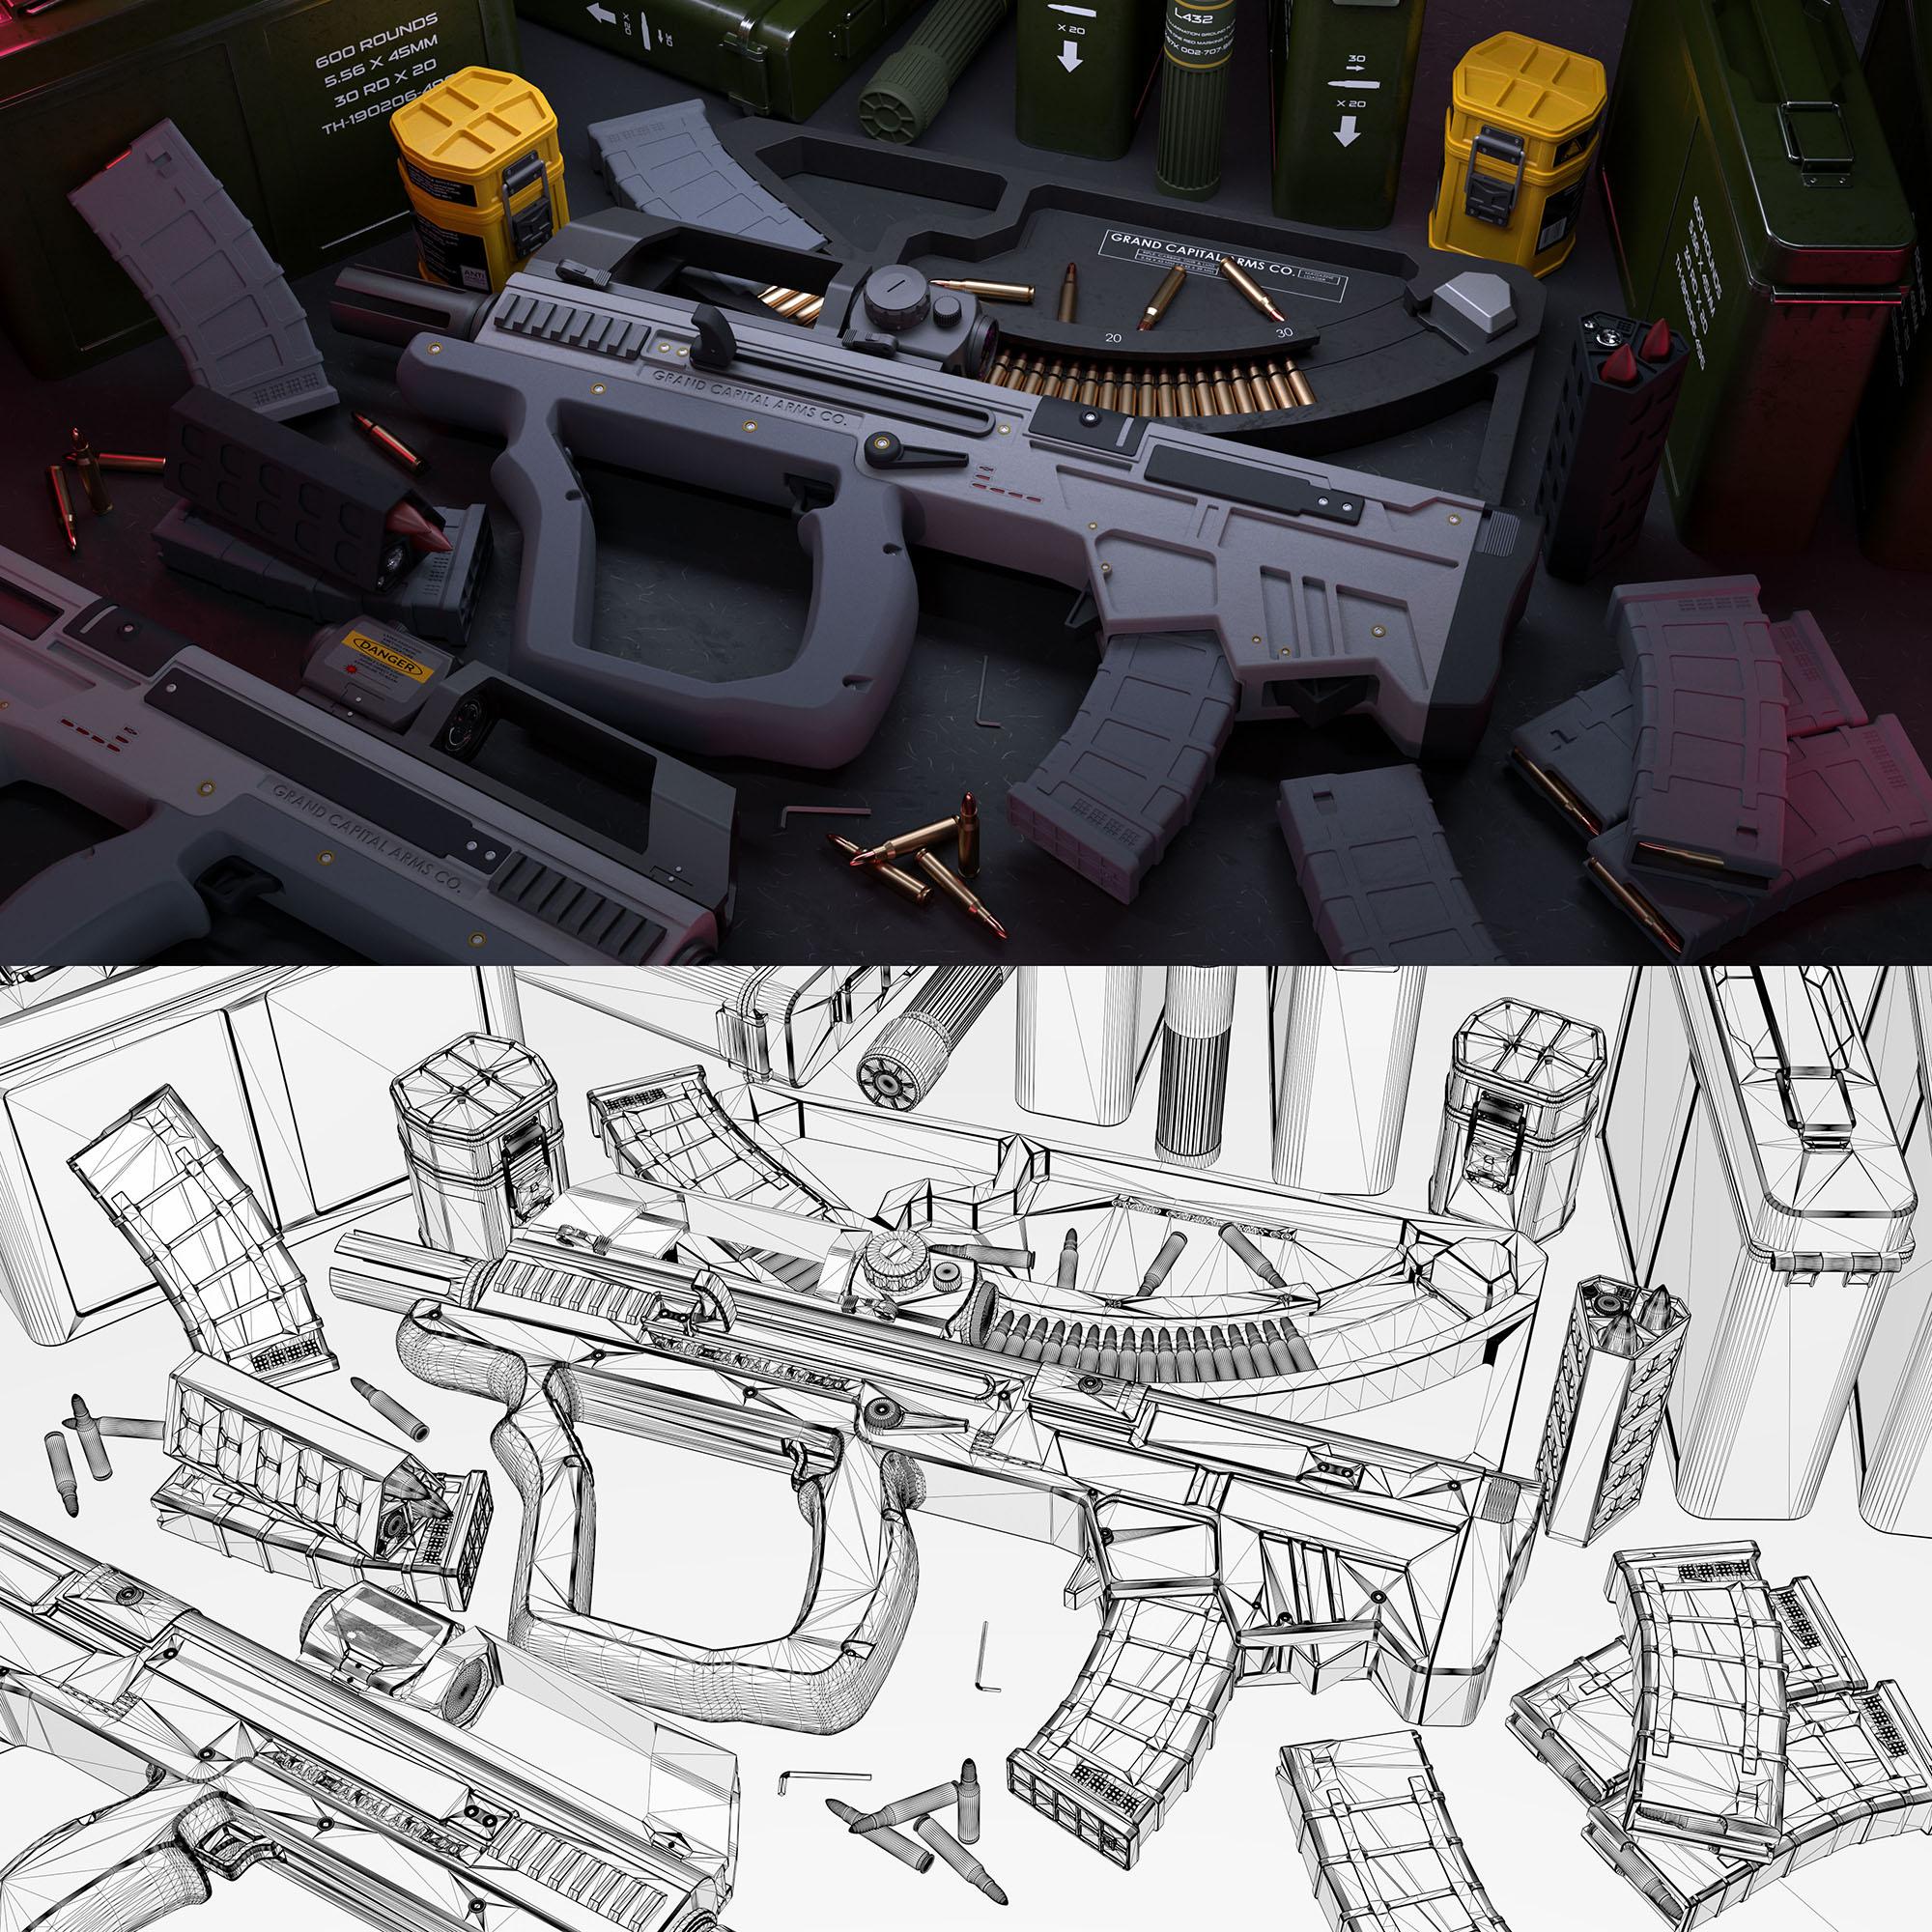 Three D Guns 2 WiP - 'Short Bow' Carbine